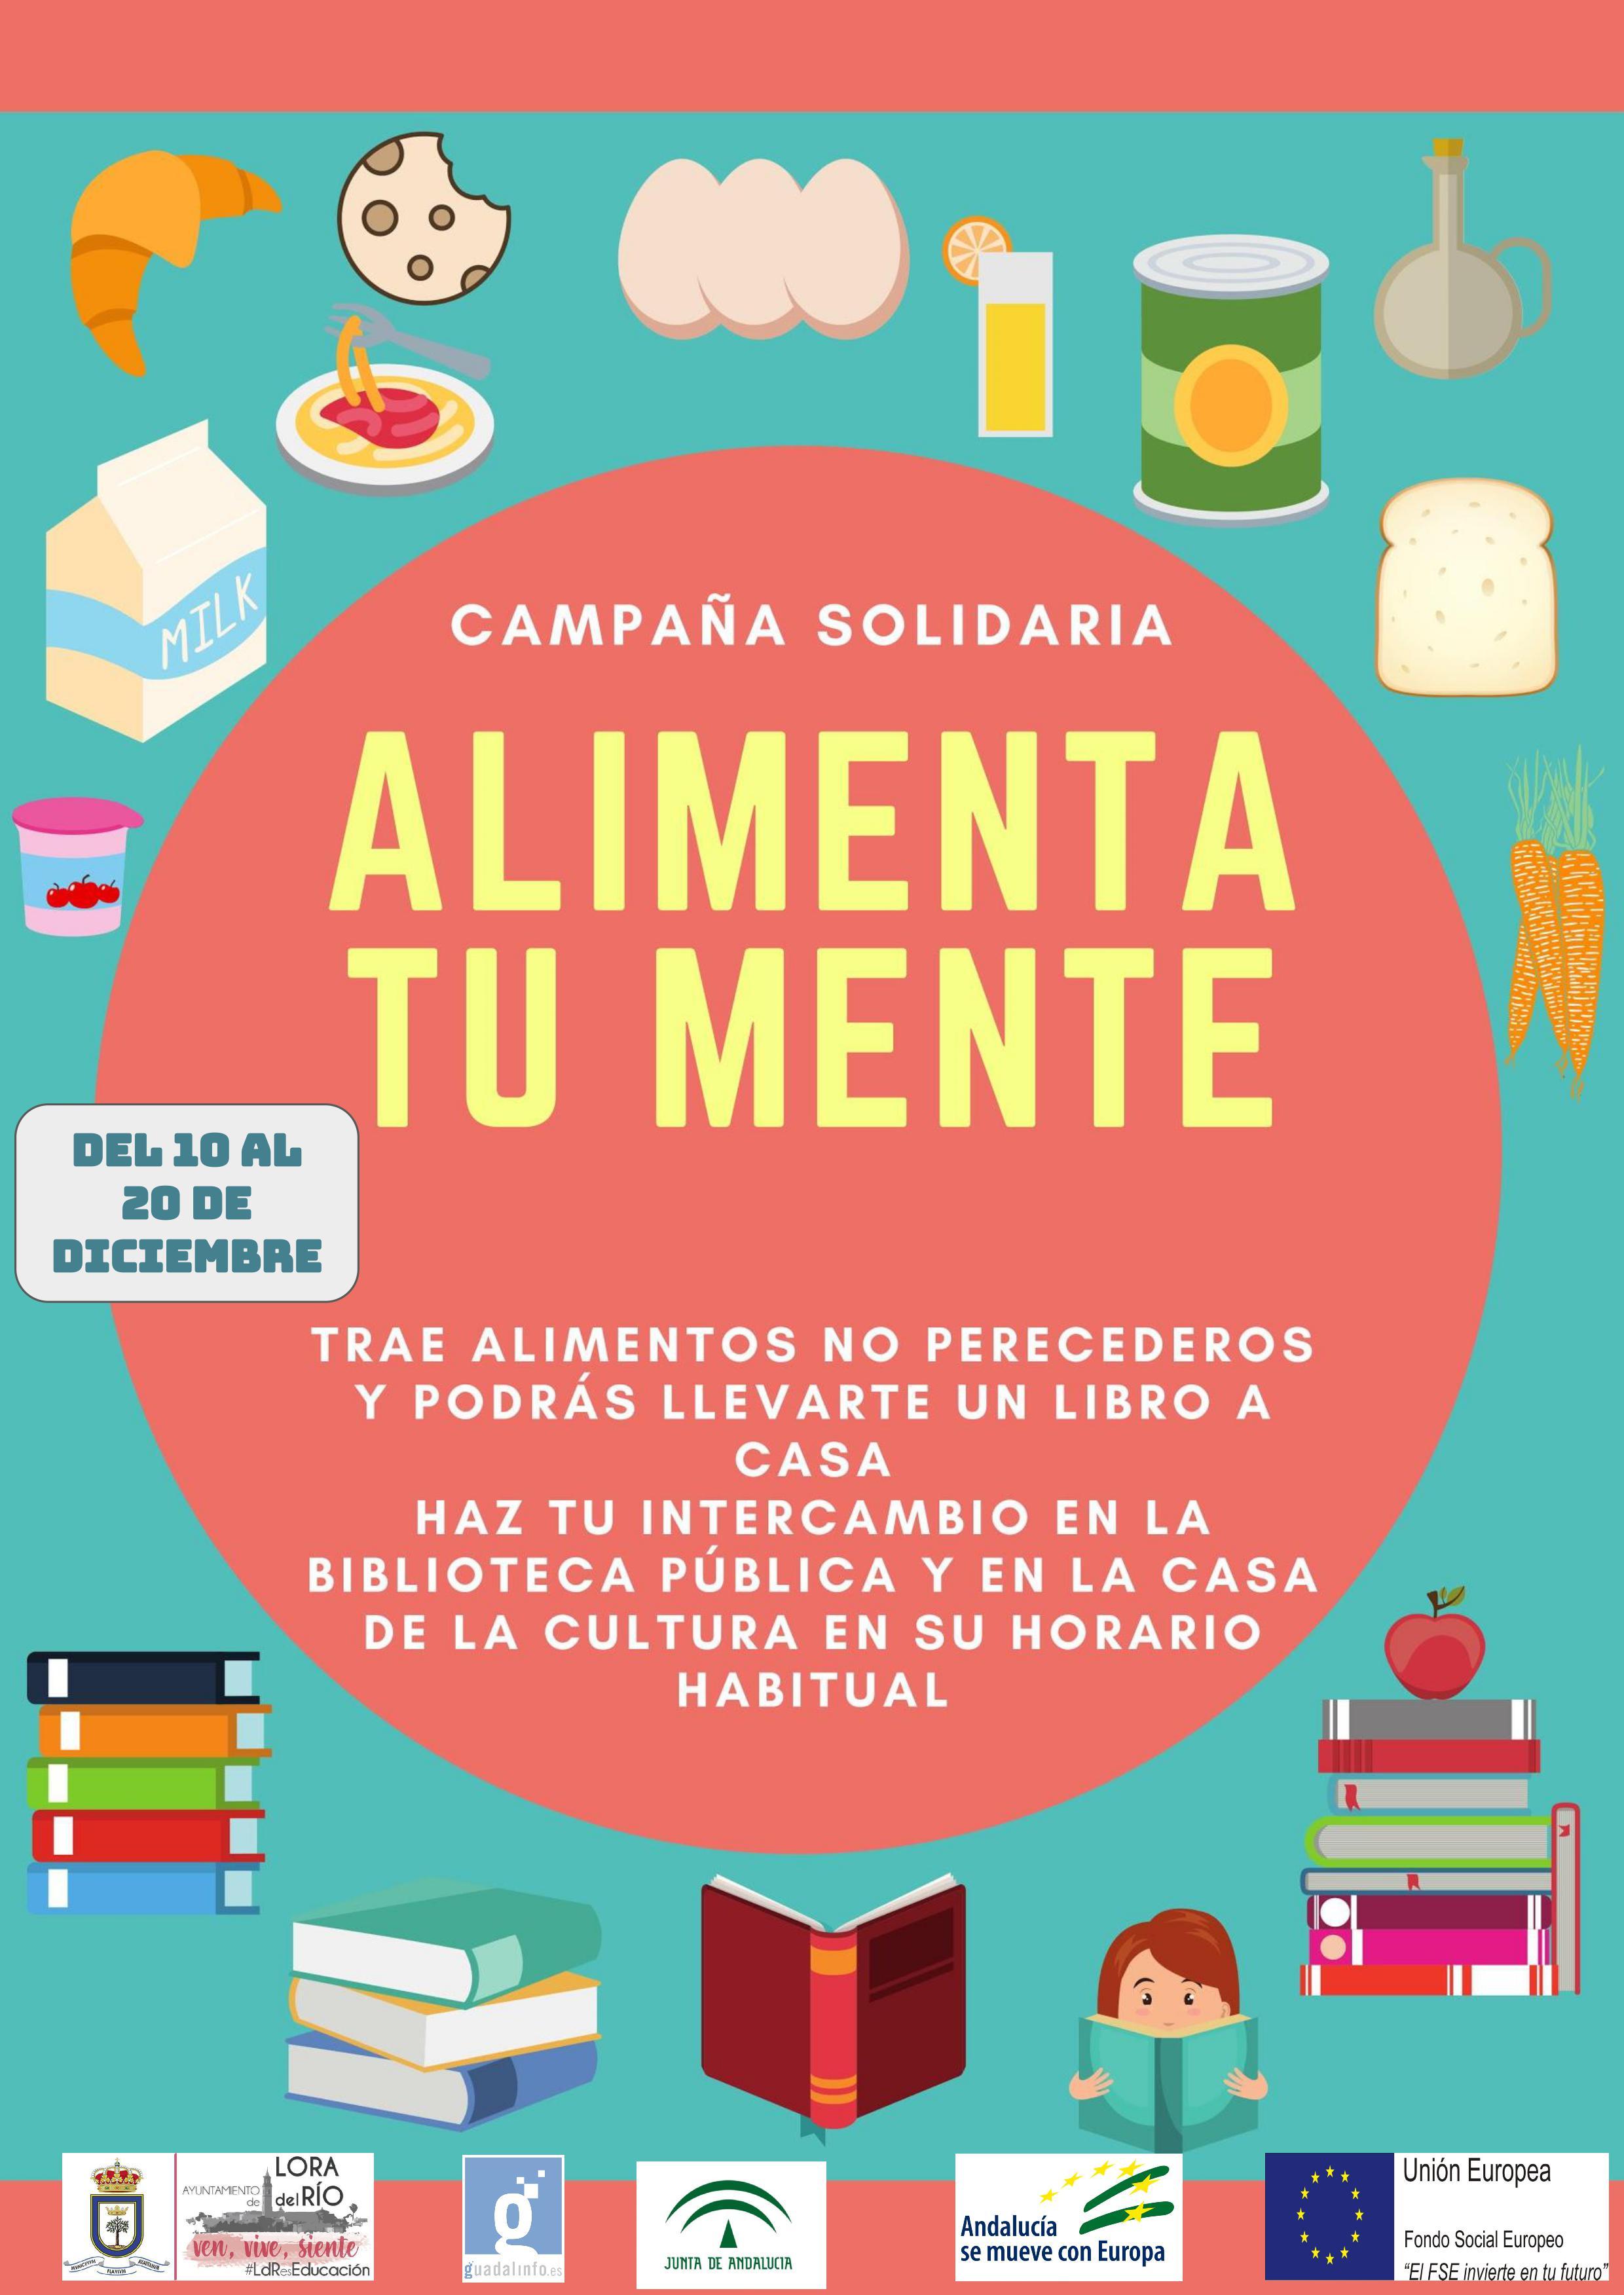 Lora del Río cambiará alimentos no perecederos por libros con la iniciativa 'Alimenta tu mente'